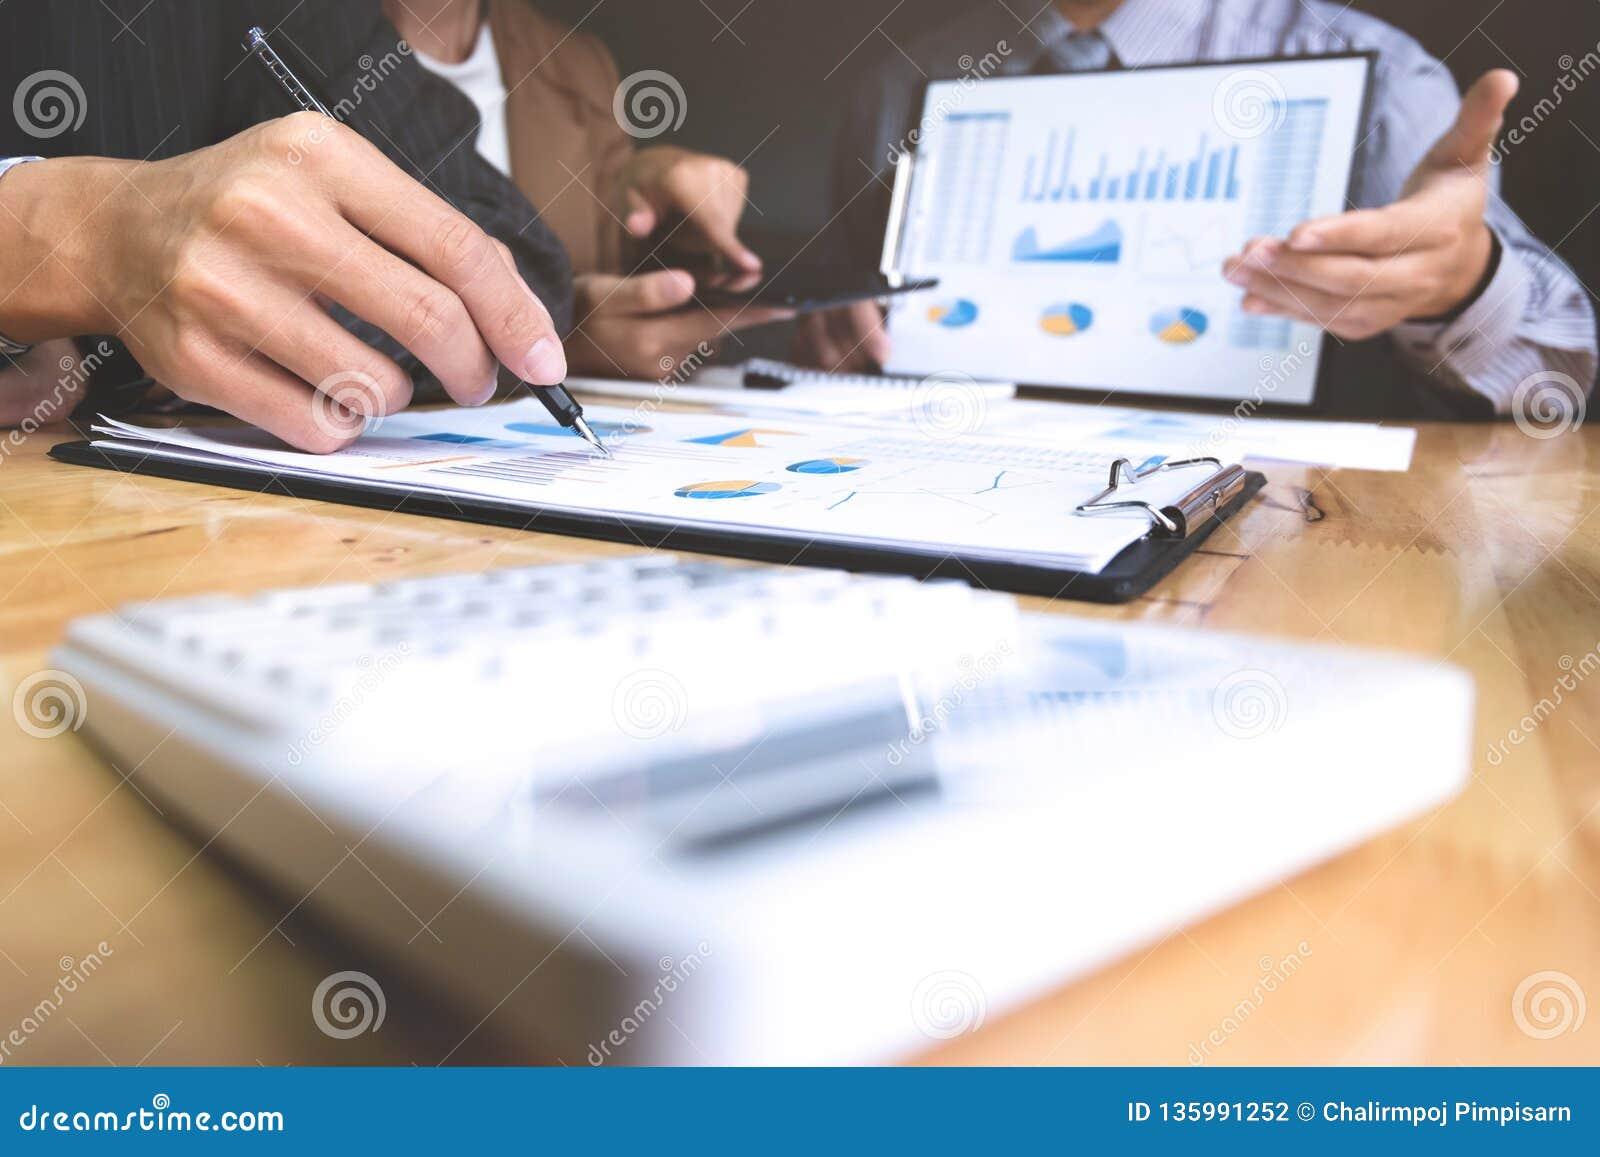 Uomini d affari che discutono i documenti e le idee alla riunione in un posto di lavoro